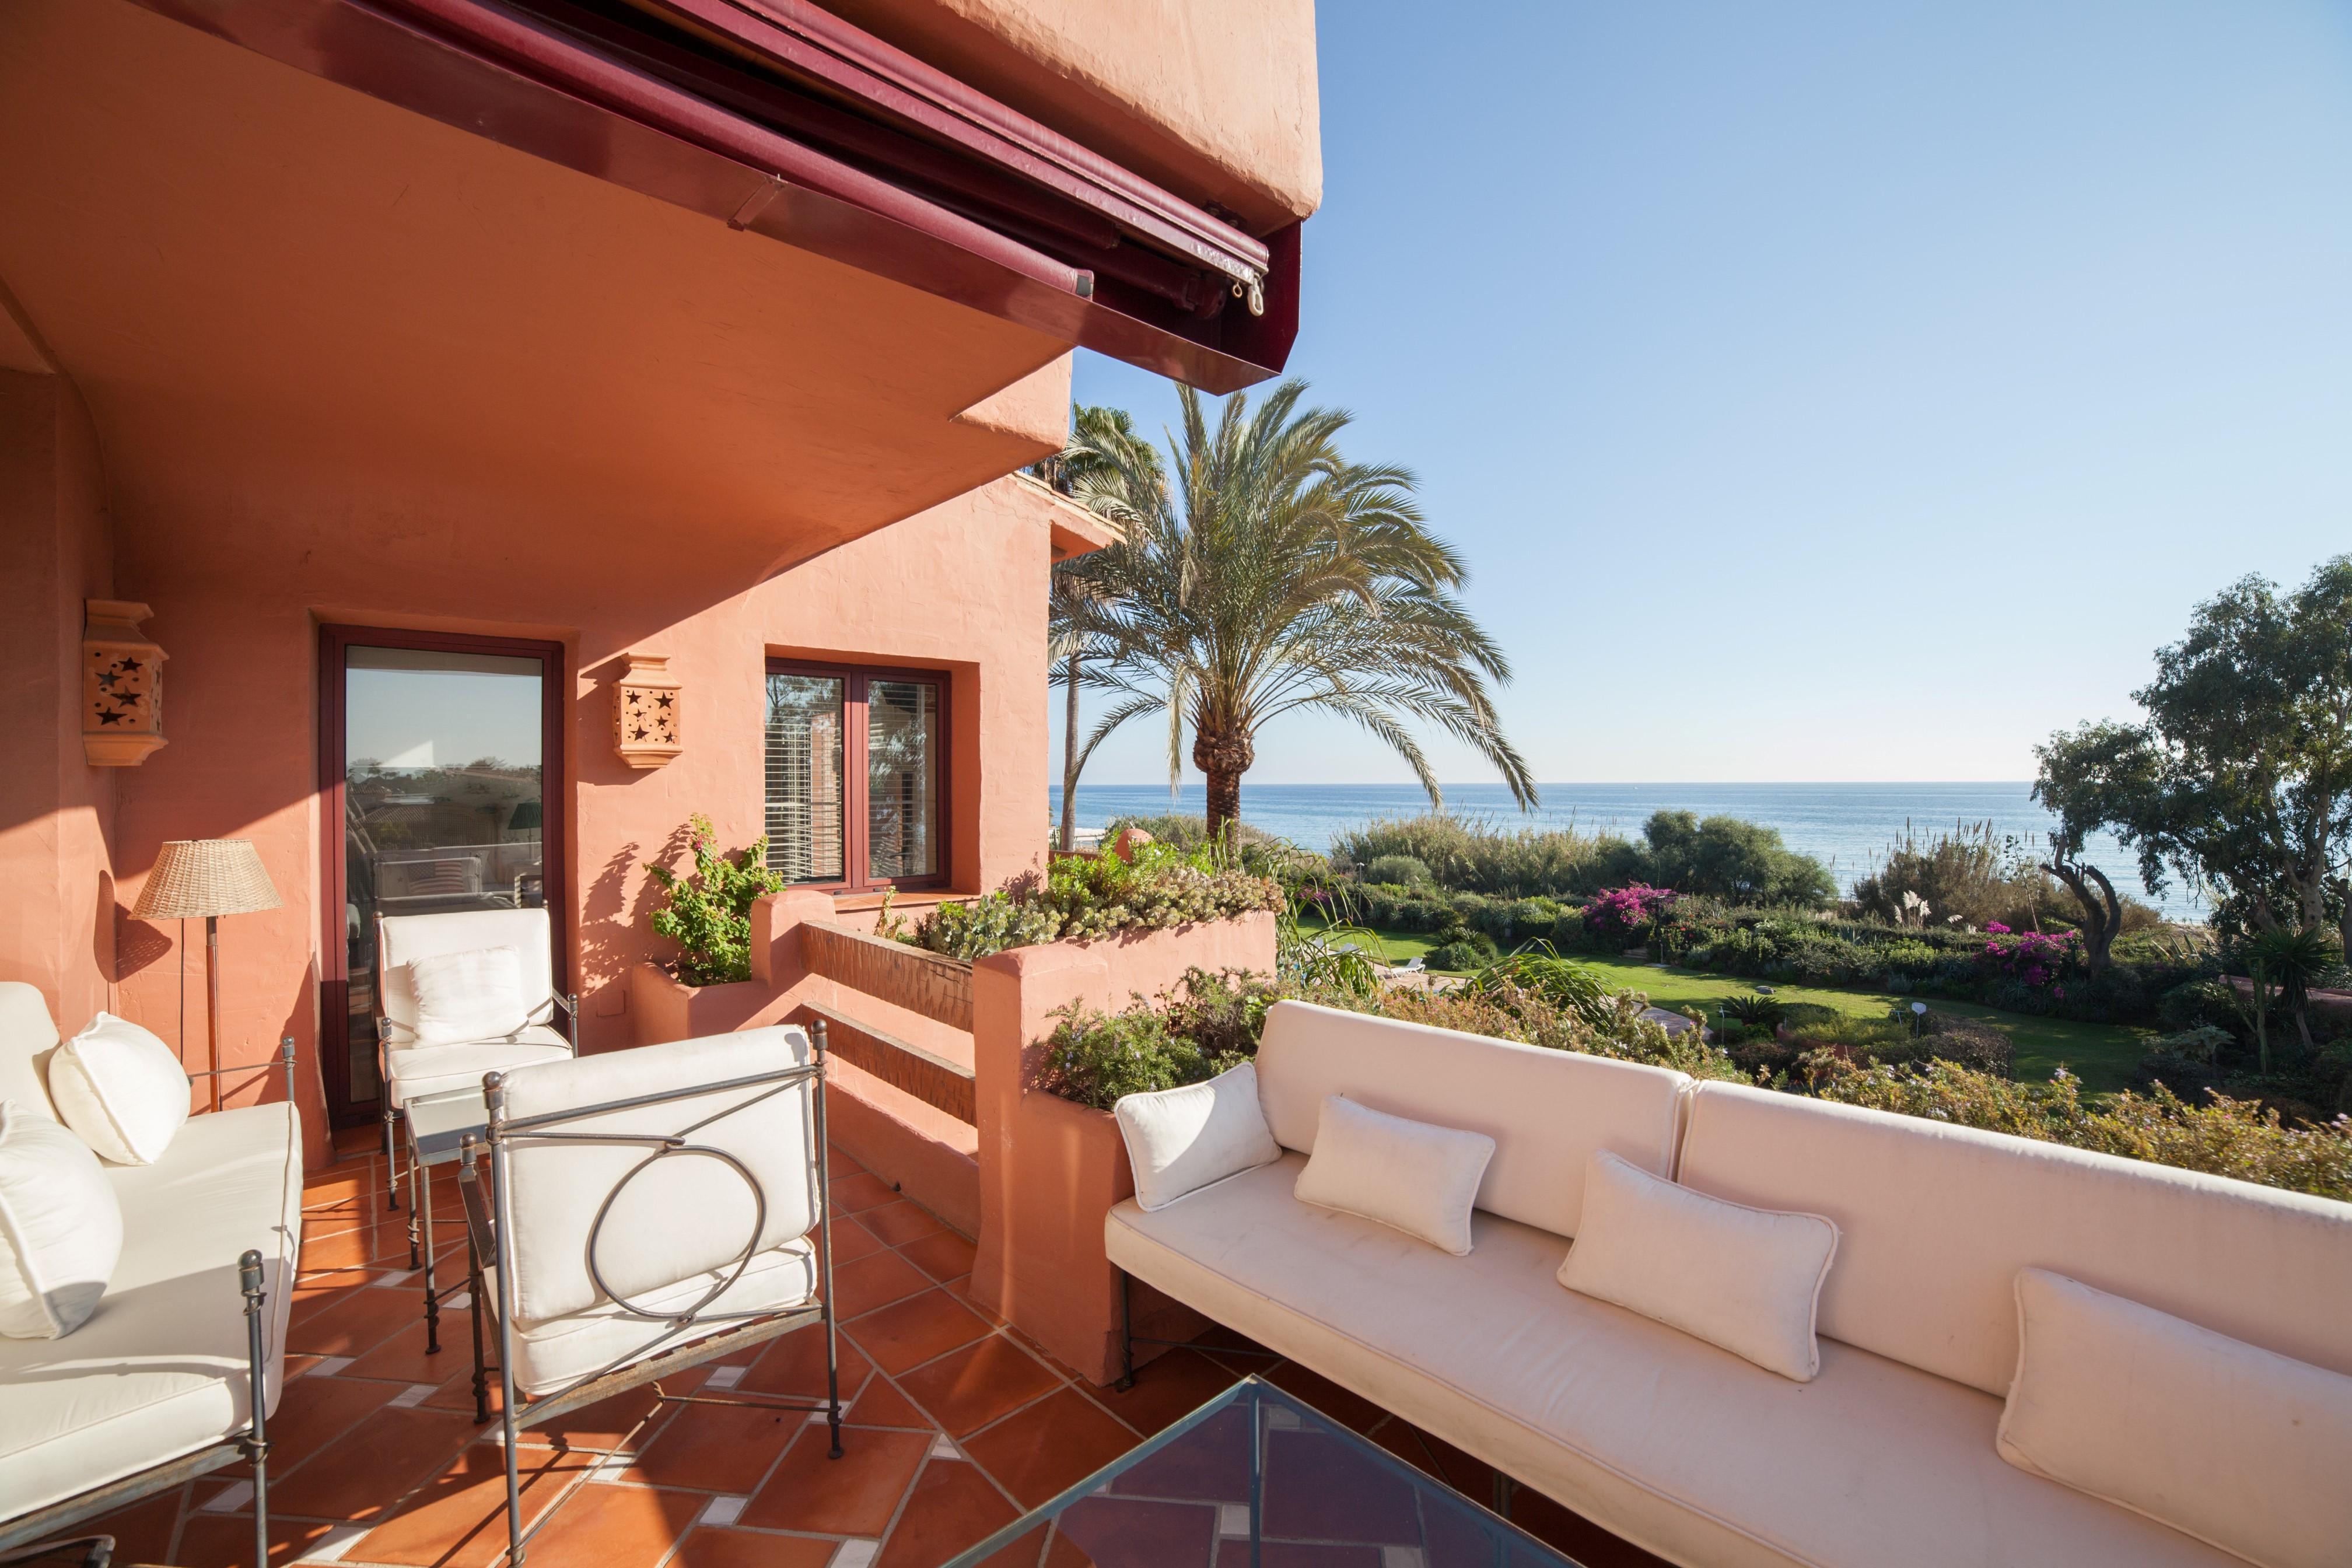 Продажа недвижимости в испании: как найти агента недвижимости